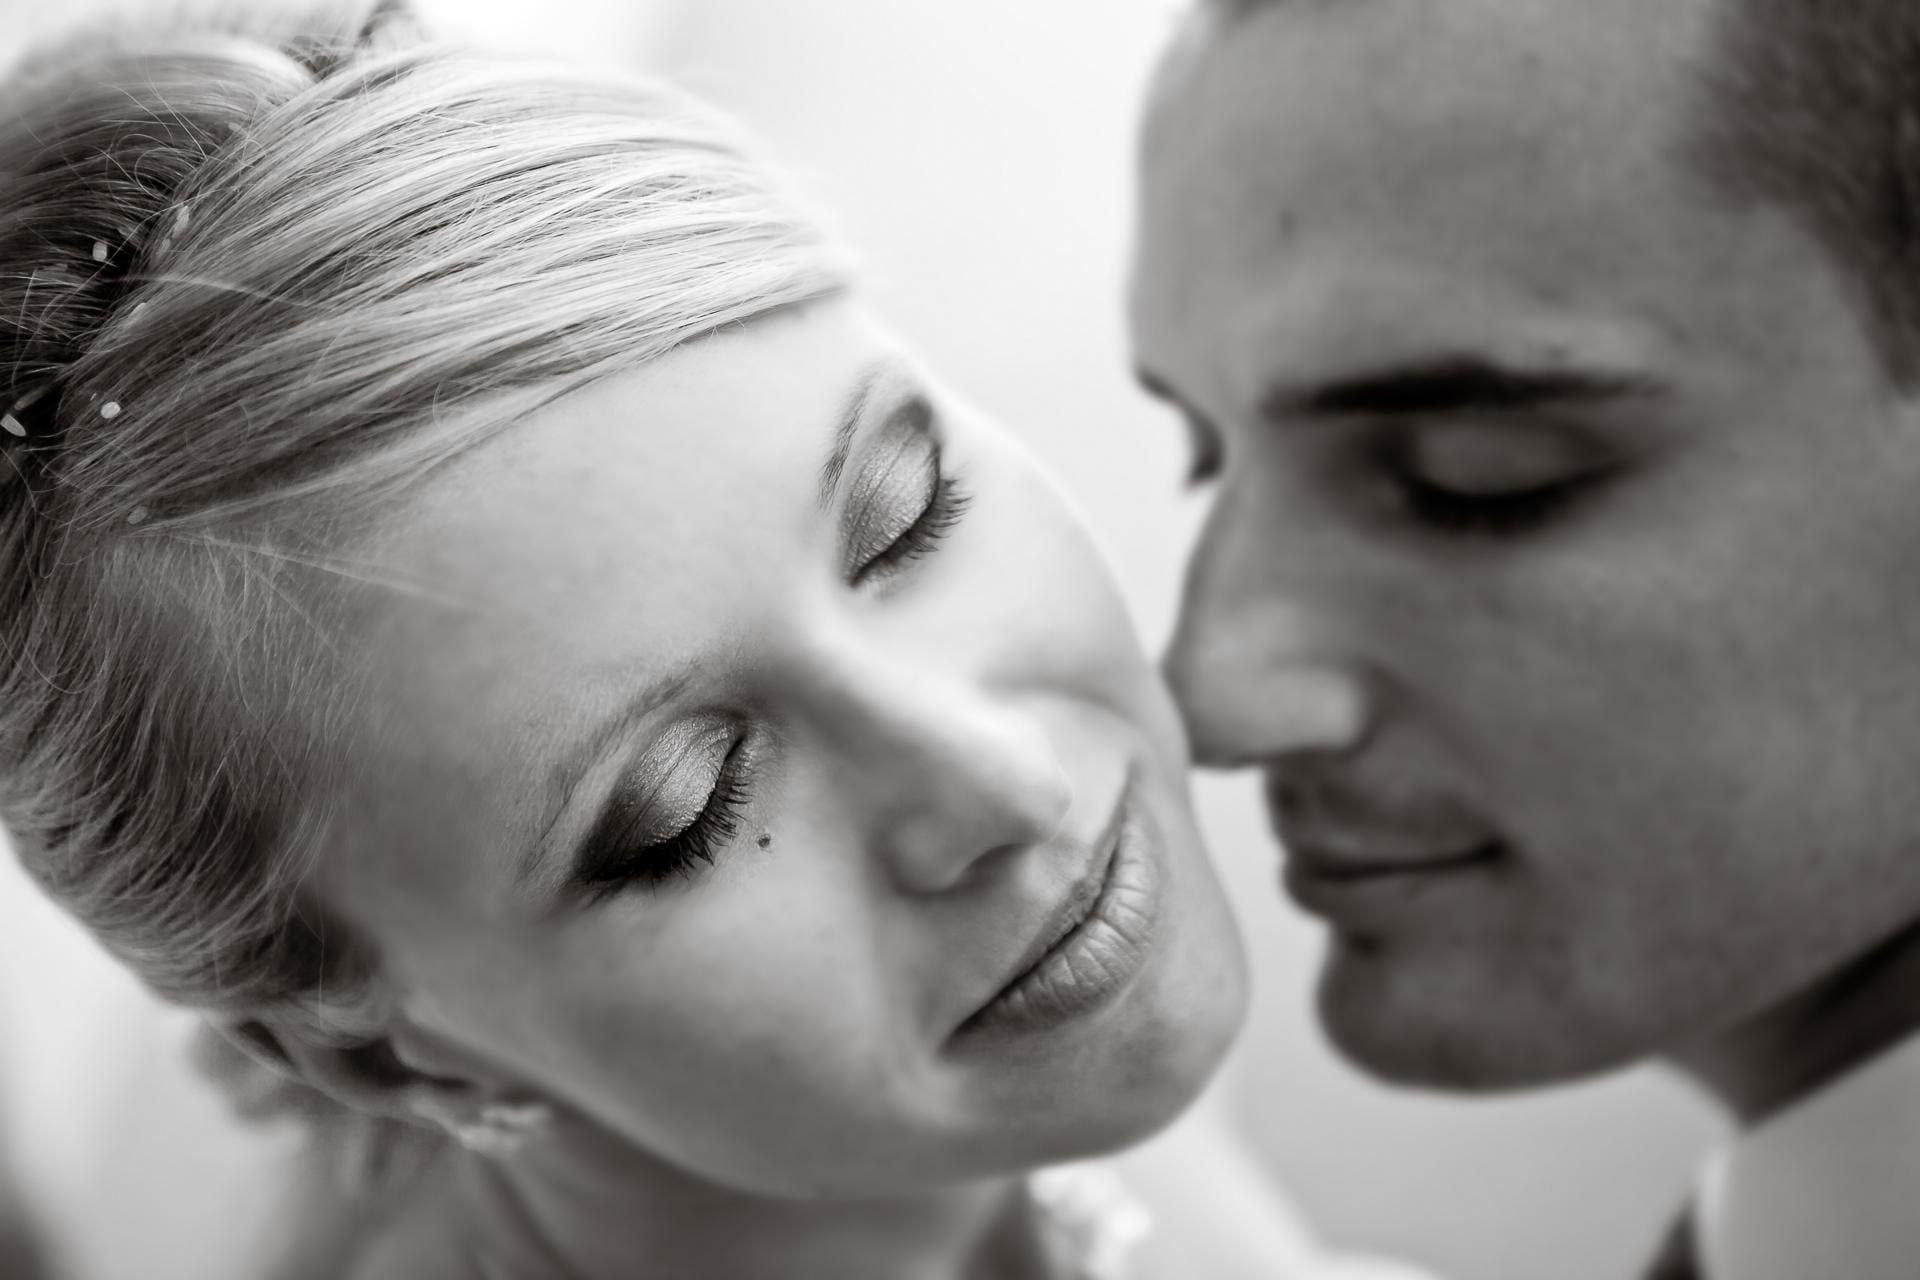 mladoporocenca, veselje ob poroki